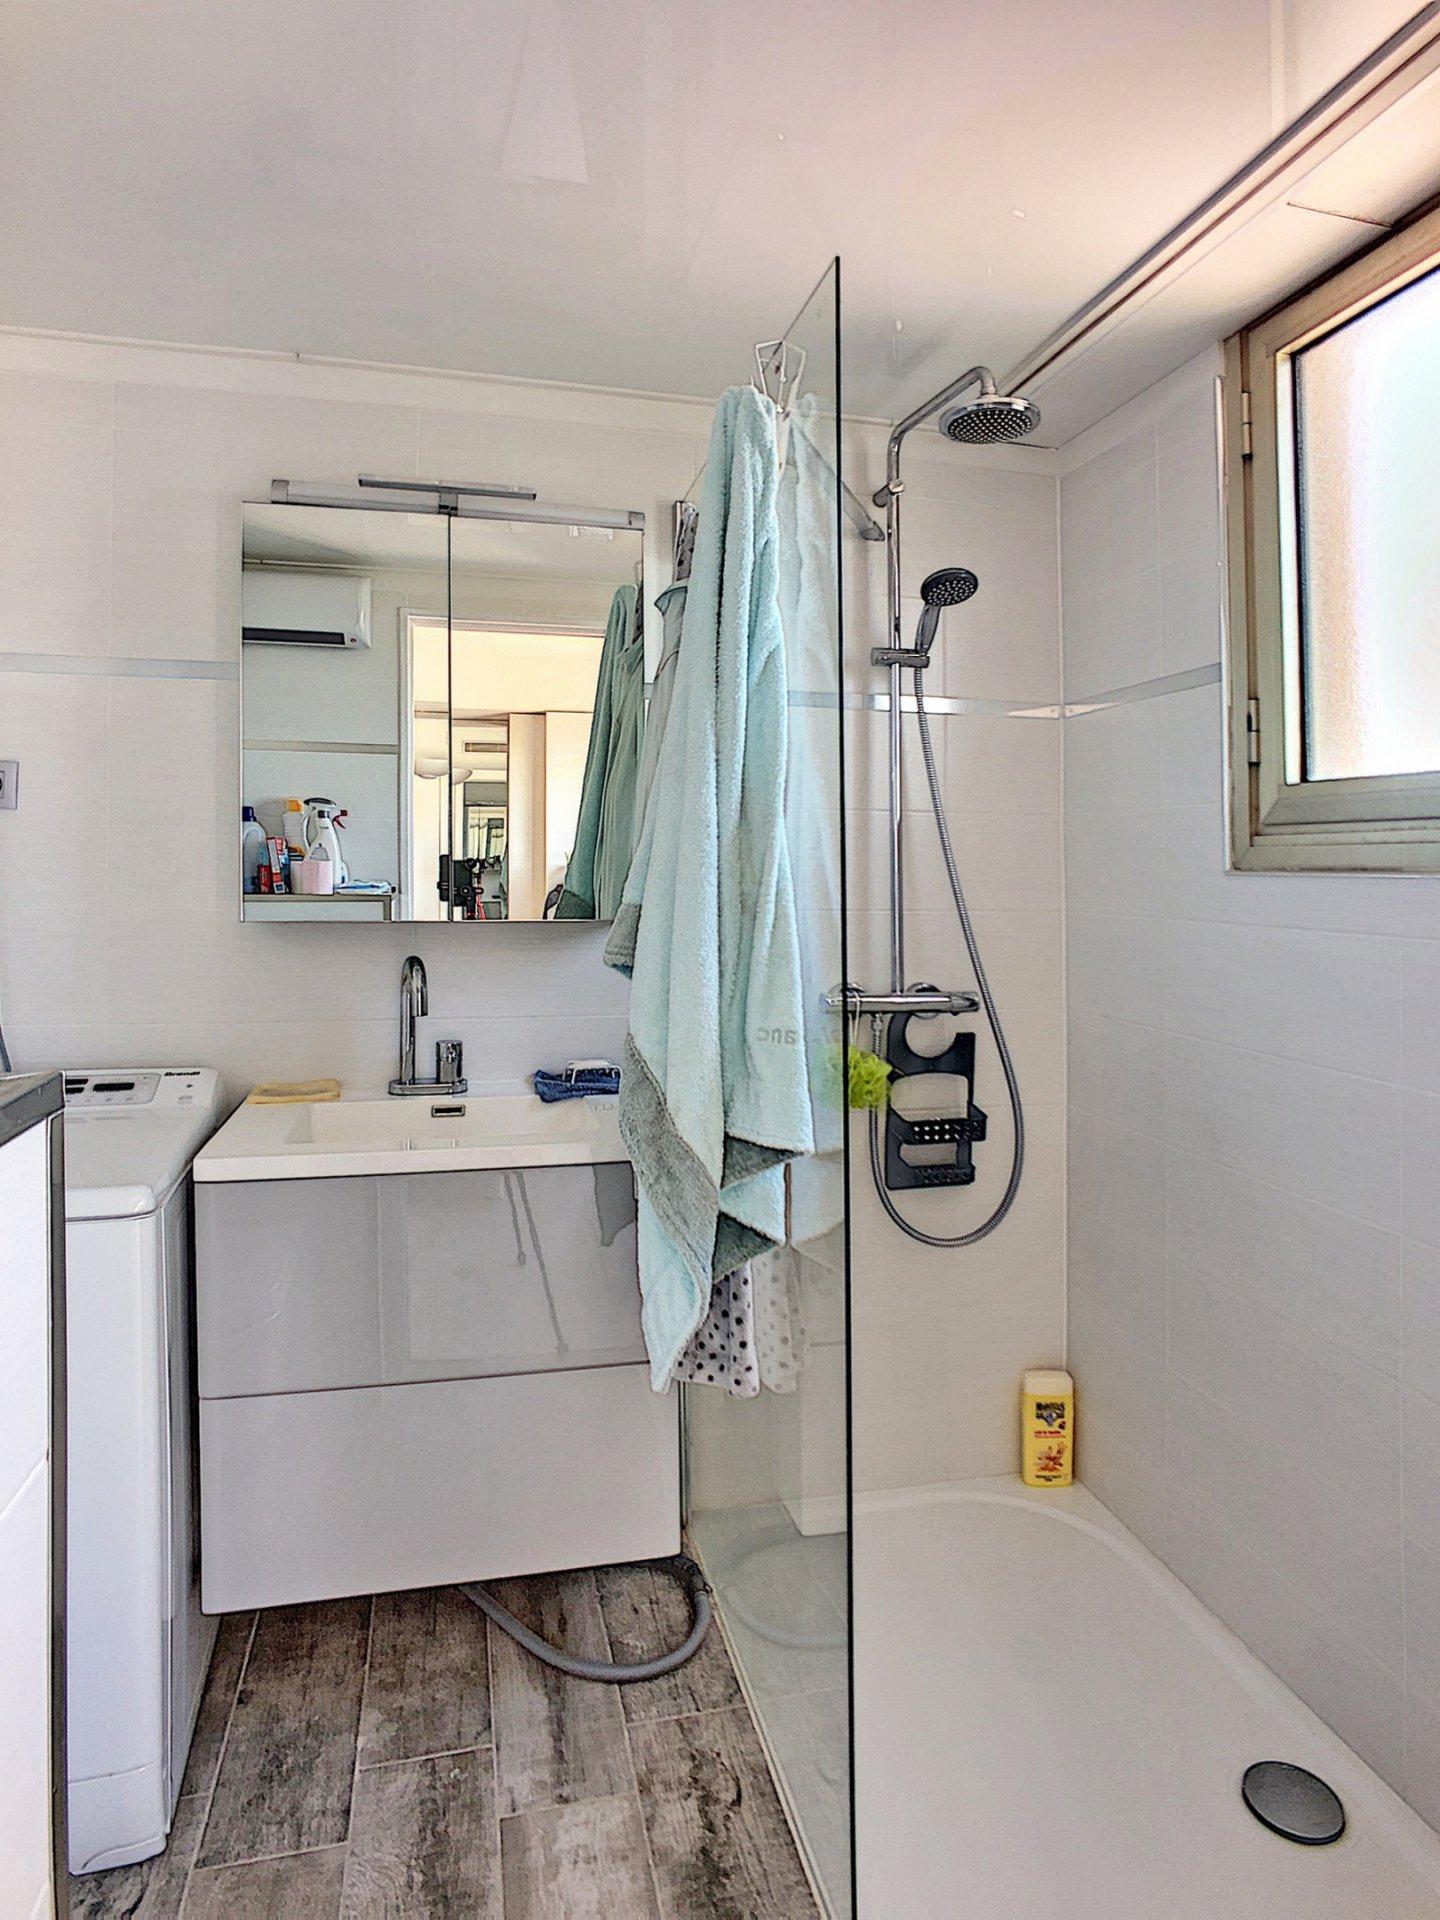 - CO-EXCLUSIVITE - Quartier résidentiel -Dernier étage